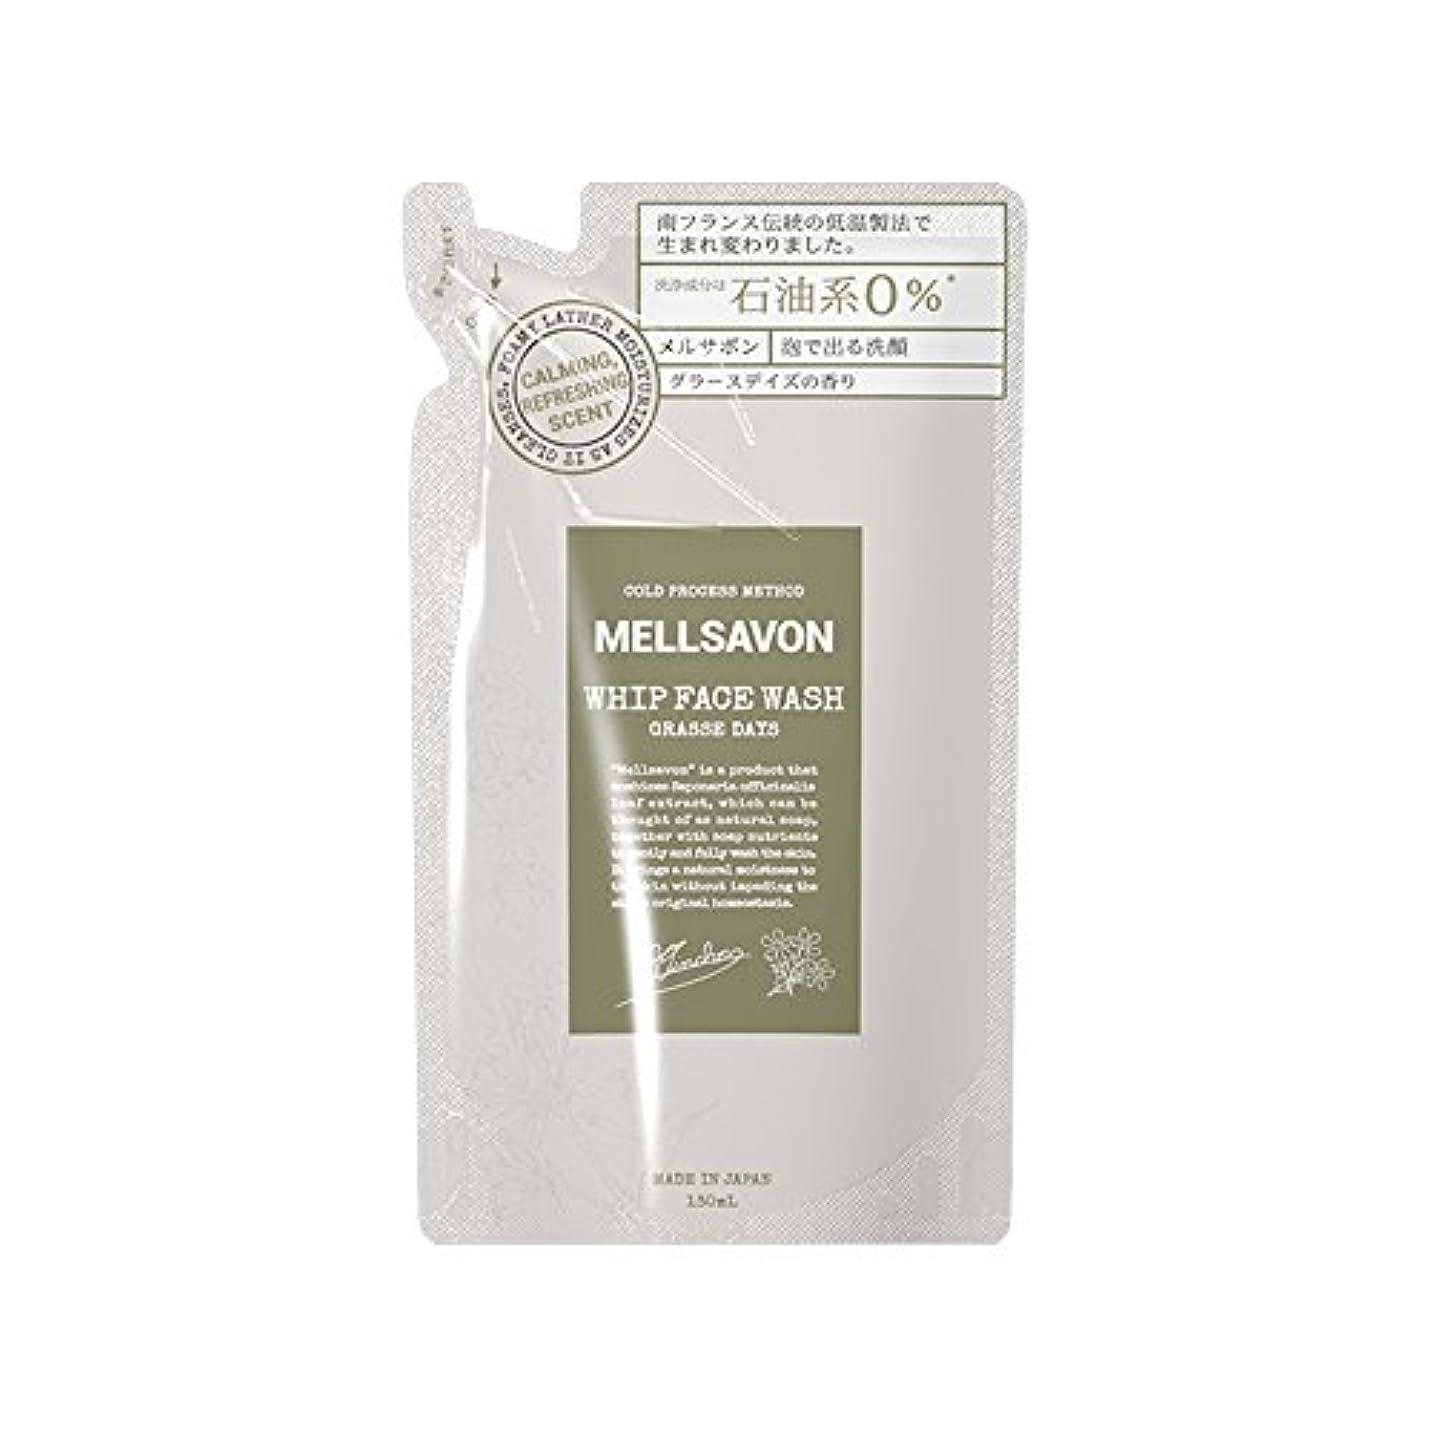 振る舞う汚染された先行するMellsavon(メルサボン) メルサボン ホイップフェイスウォッシュ グラースデイズ 詰替 130mL 洗顔